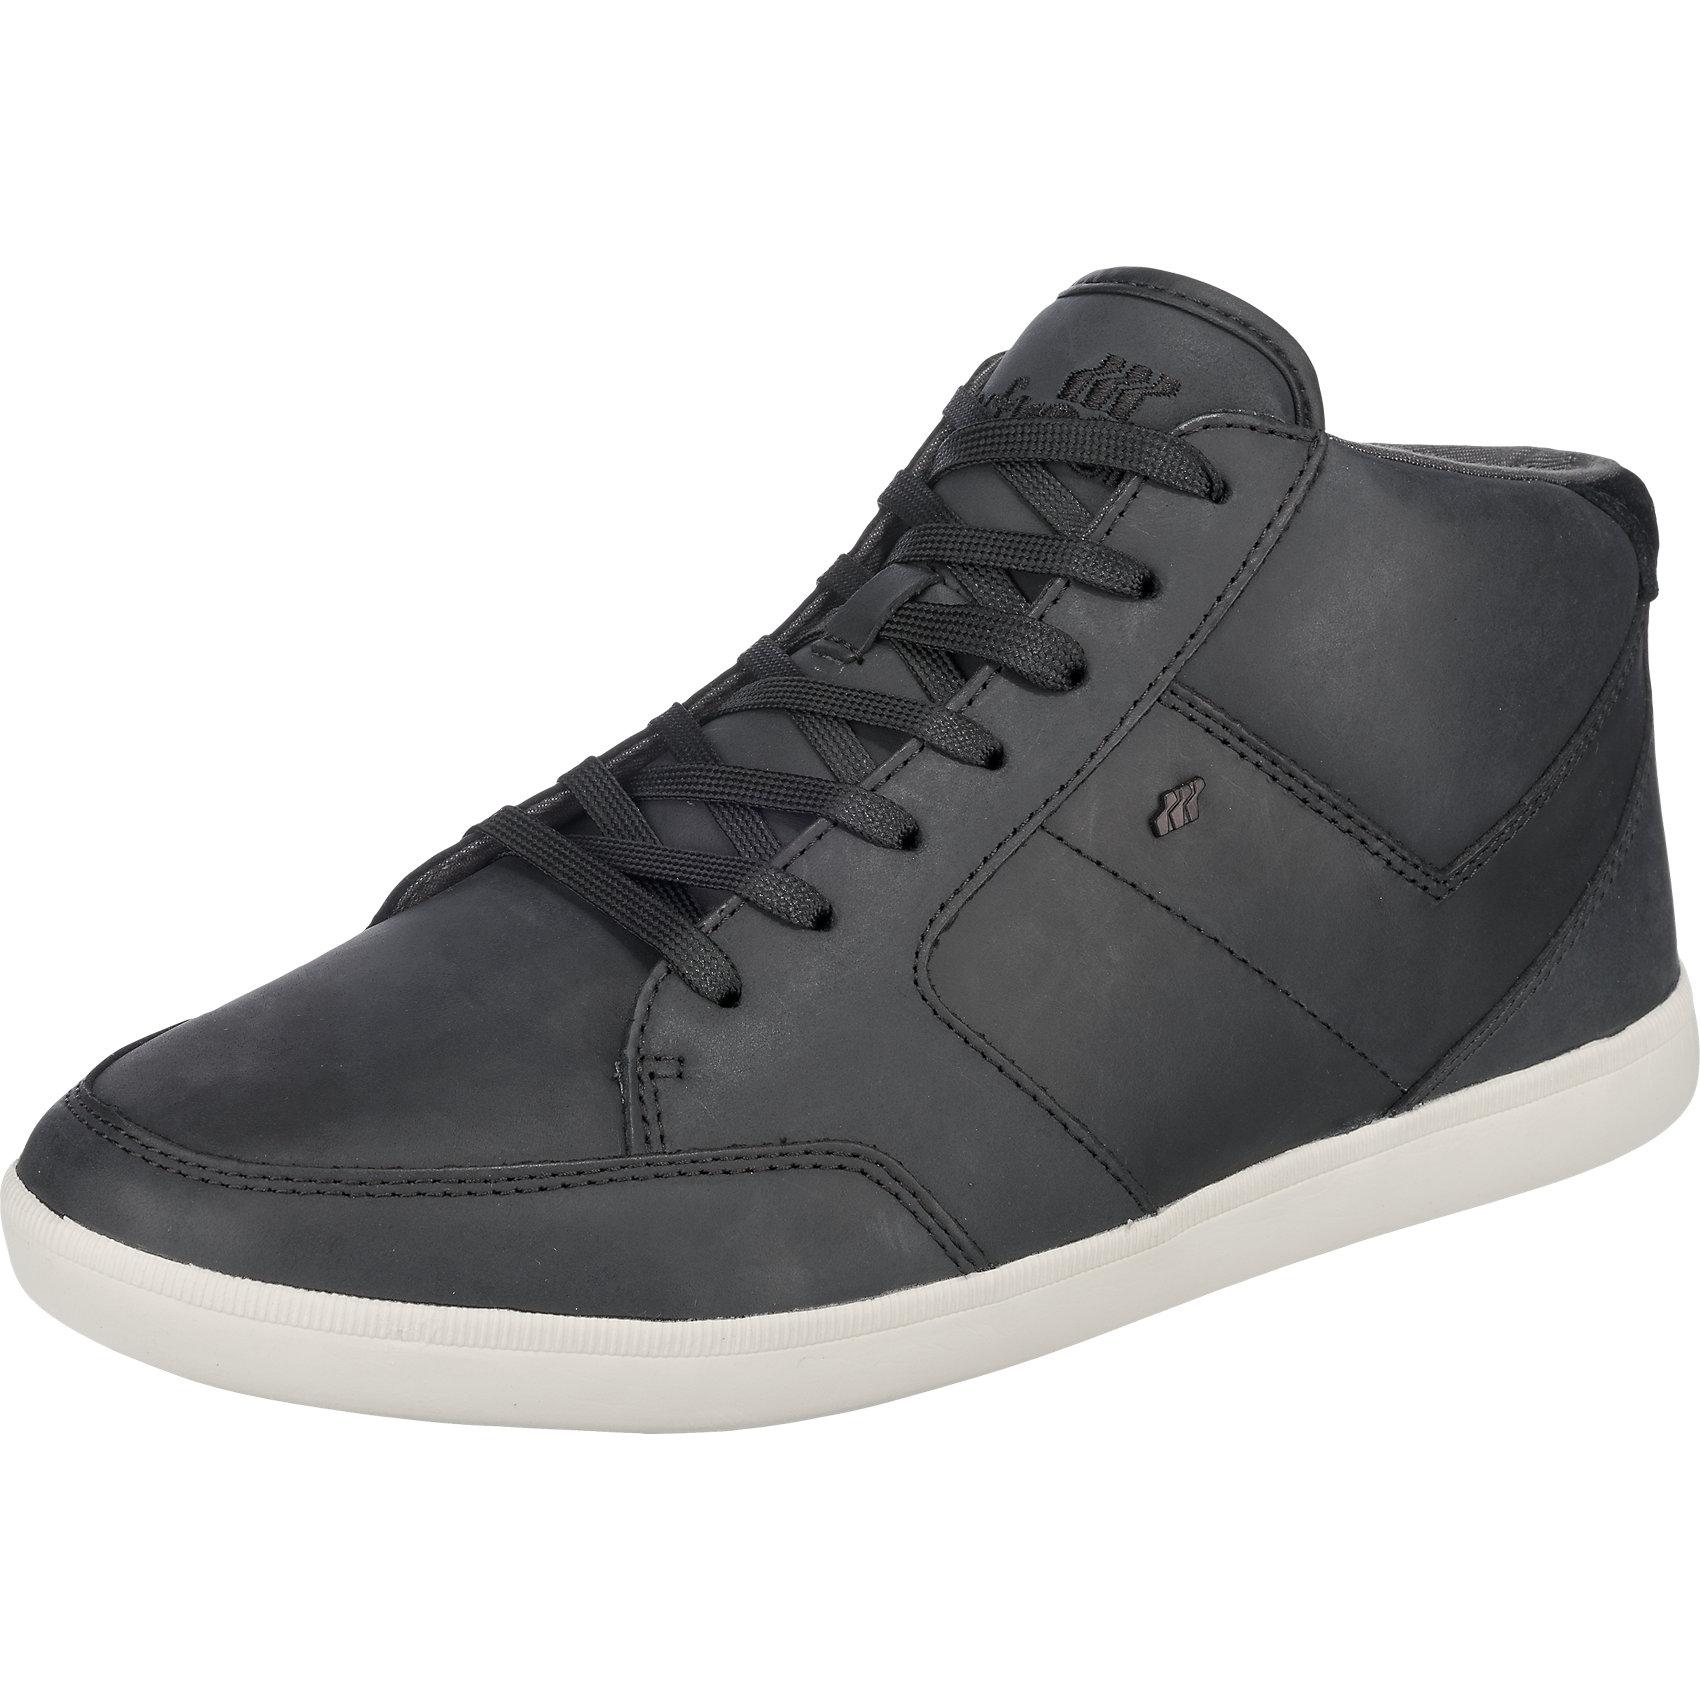 Neu Boxfresh® für Cheam Sneakers 5773540 für Boxfresh® Herren schwarz braun c849ee